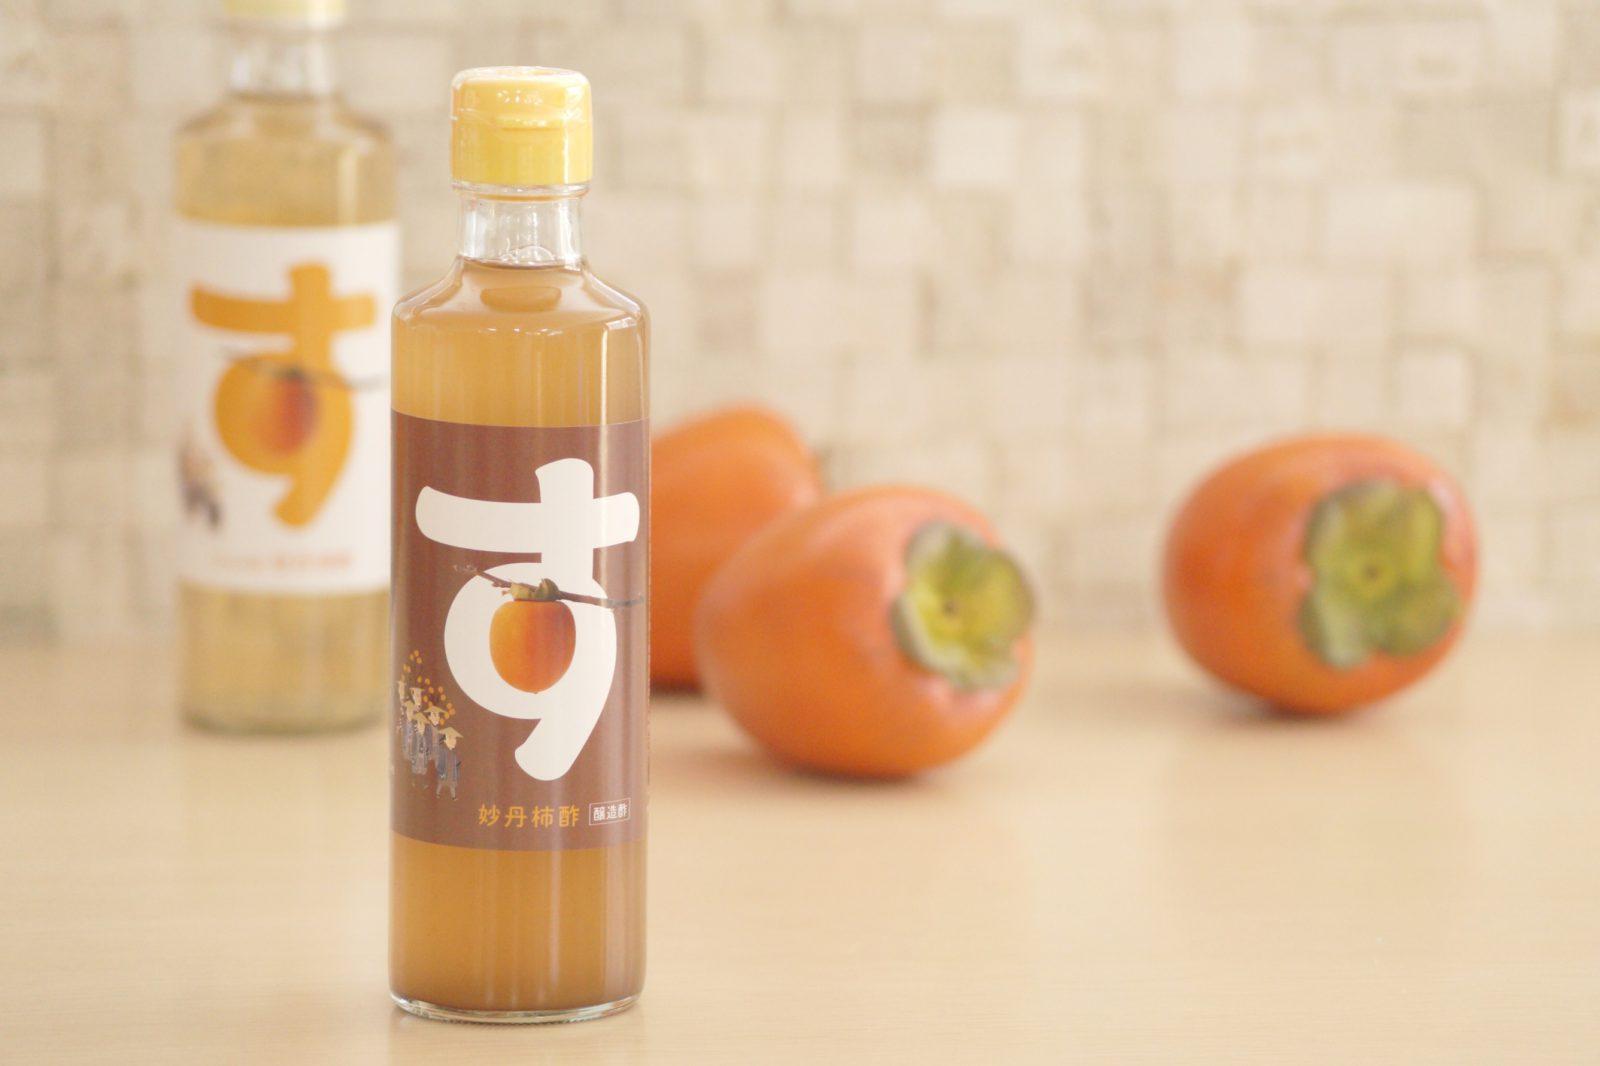 「妙丹柿酢(みょうたんかきす)」